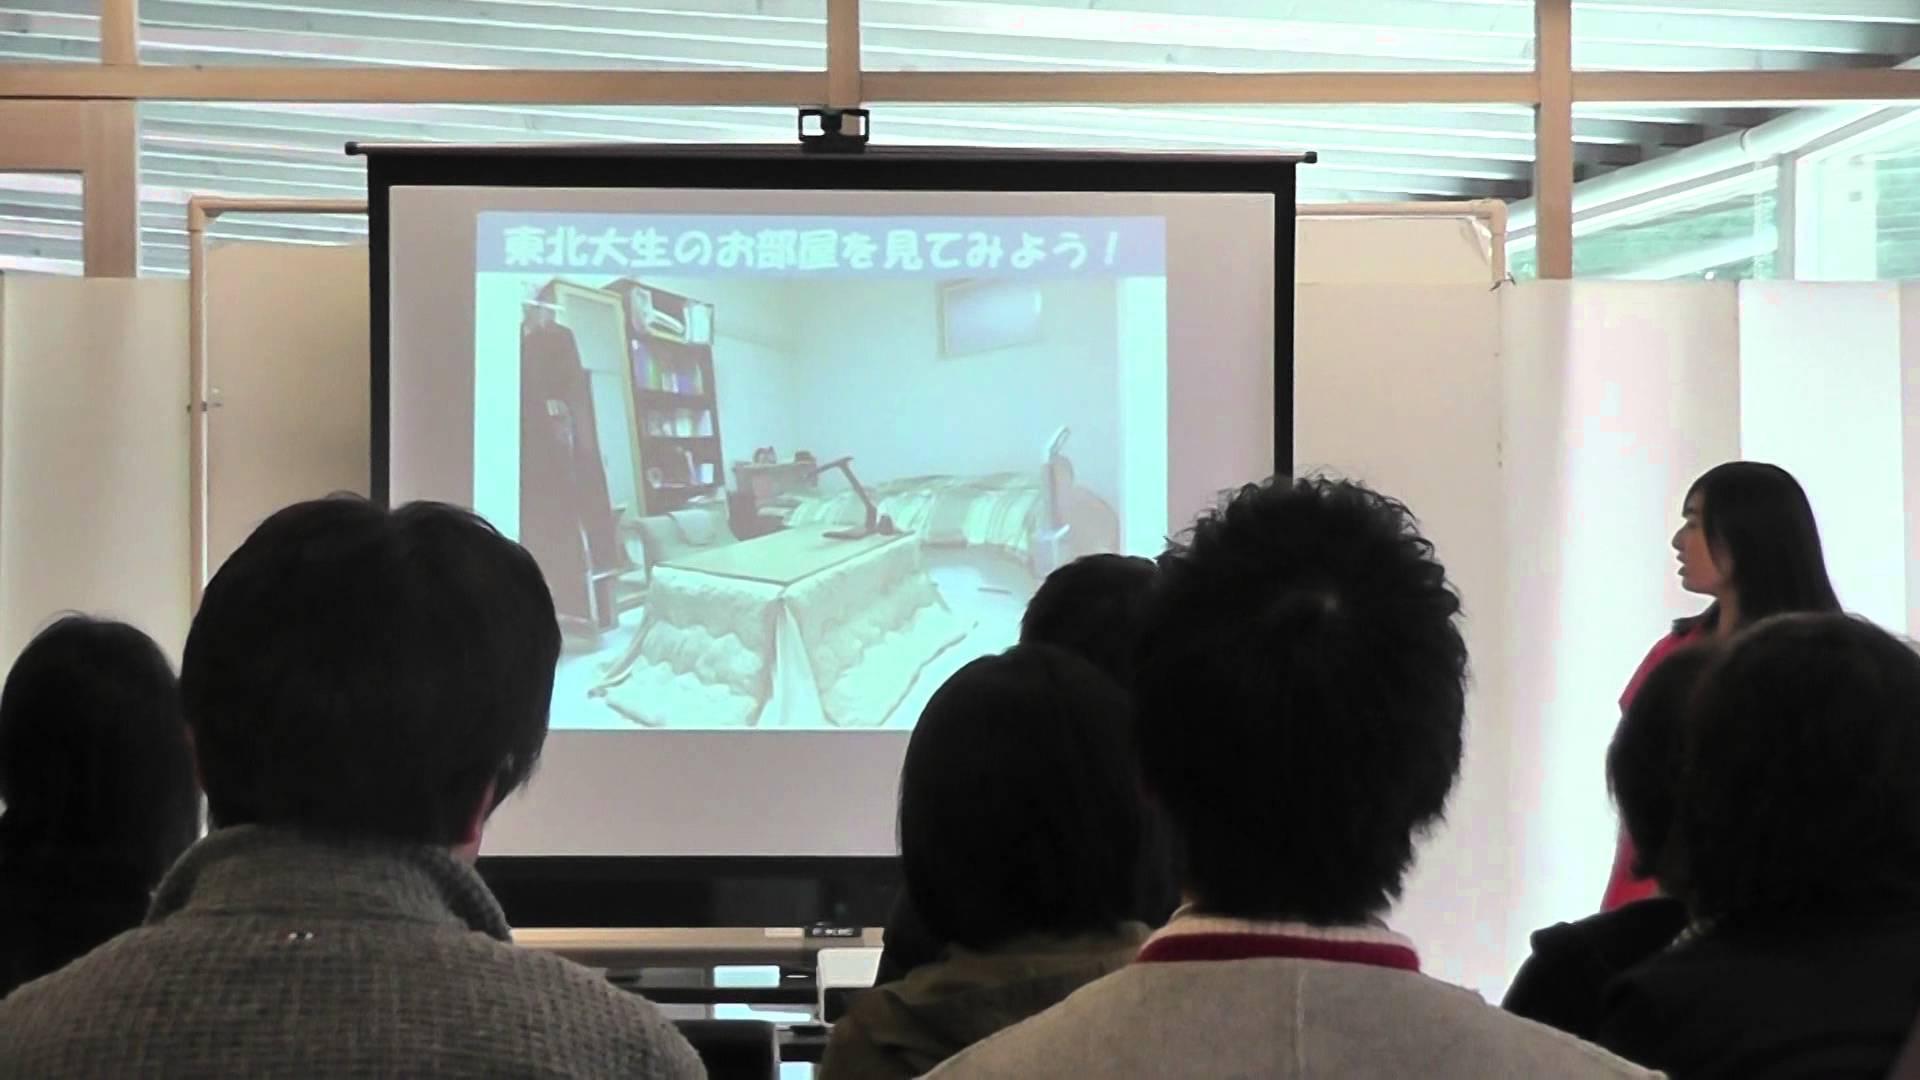 東北大学生協 生協で揃えた家具家電の部屋を紹介